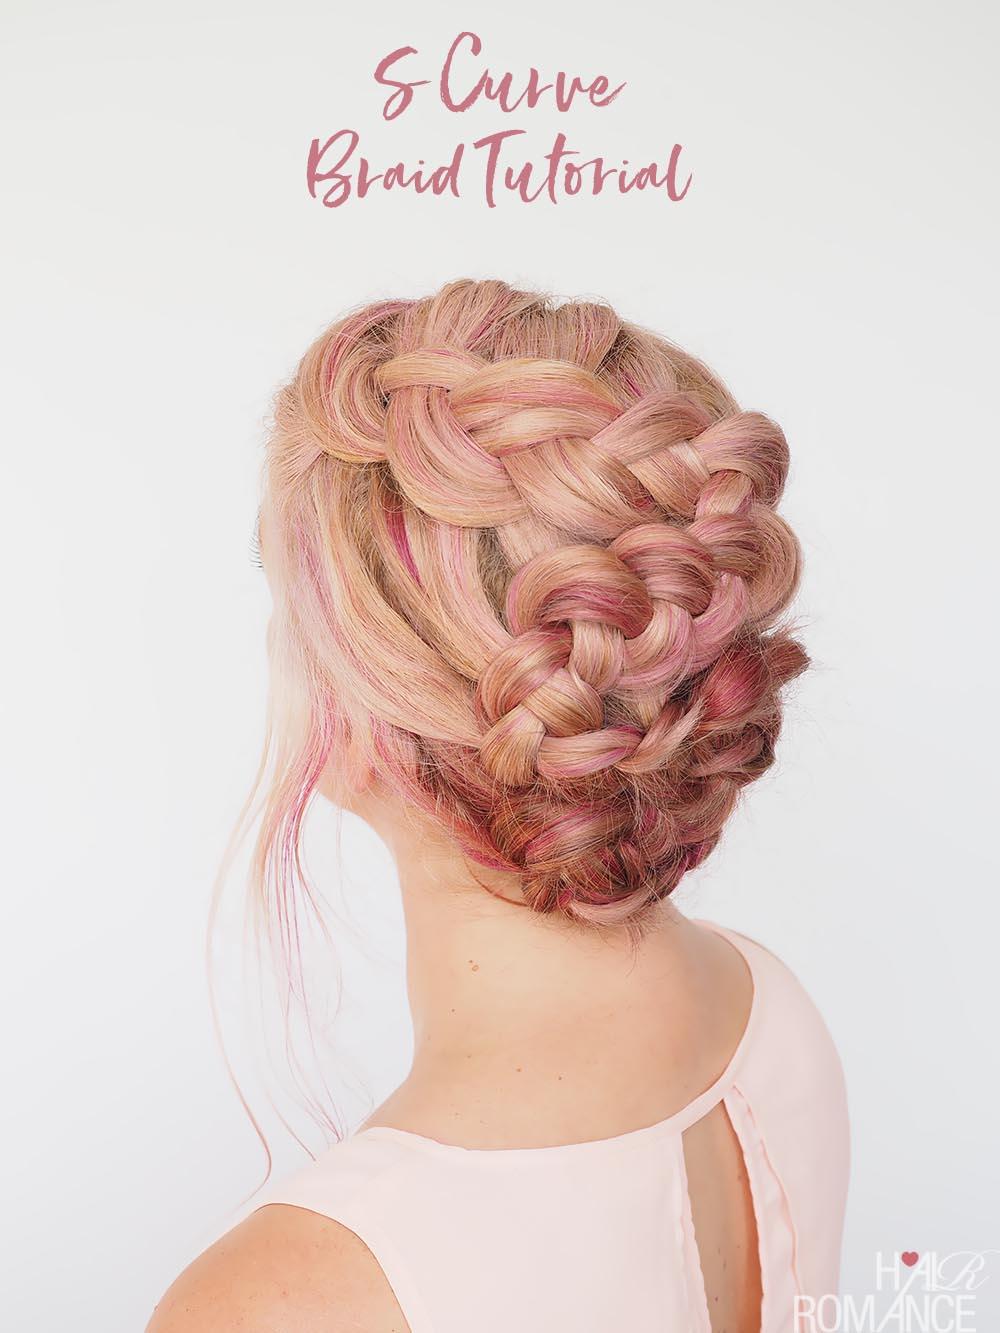 S Curve Braid Tutorial A Pretty Braided Upstyle Hair Romance